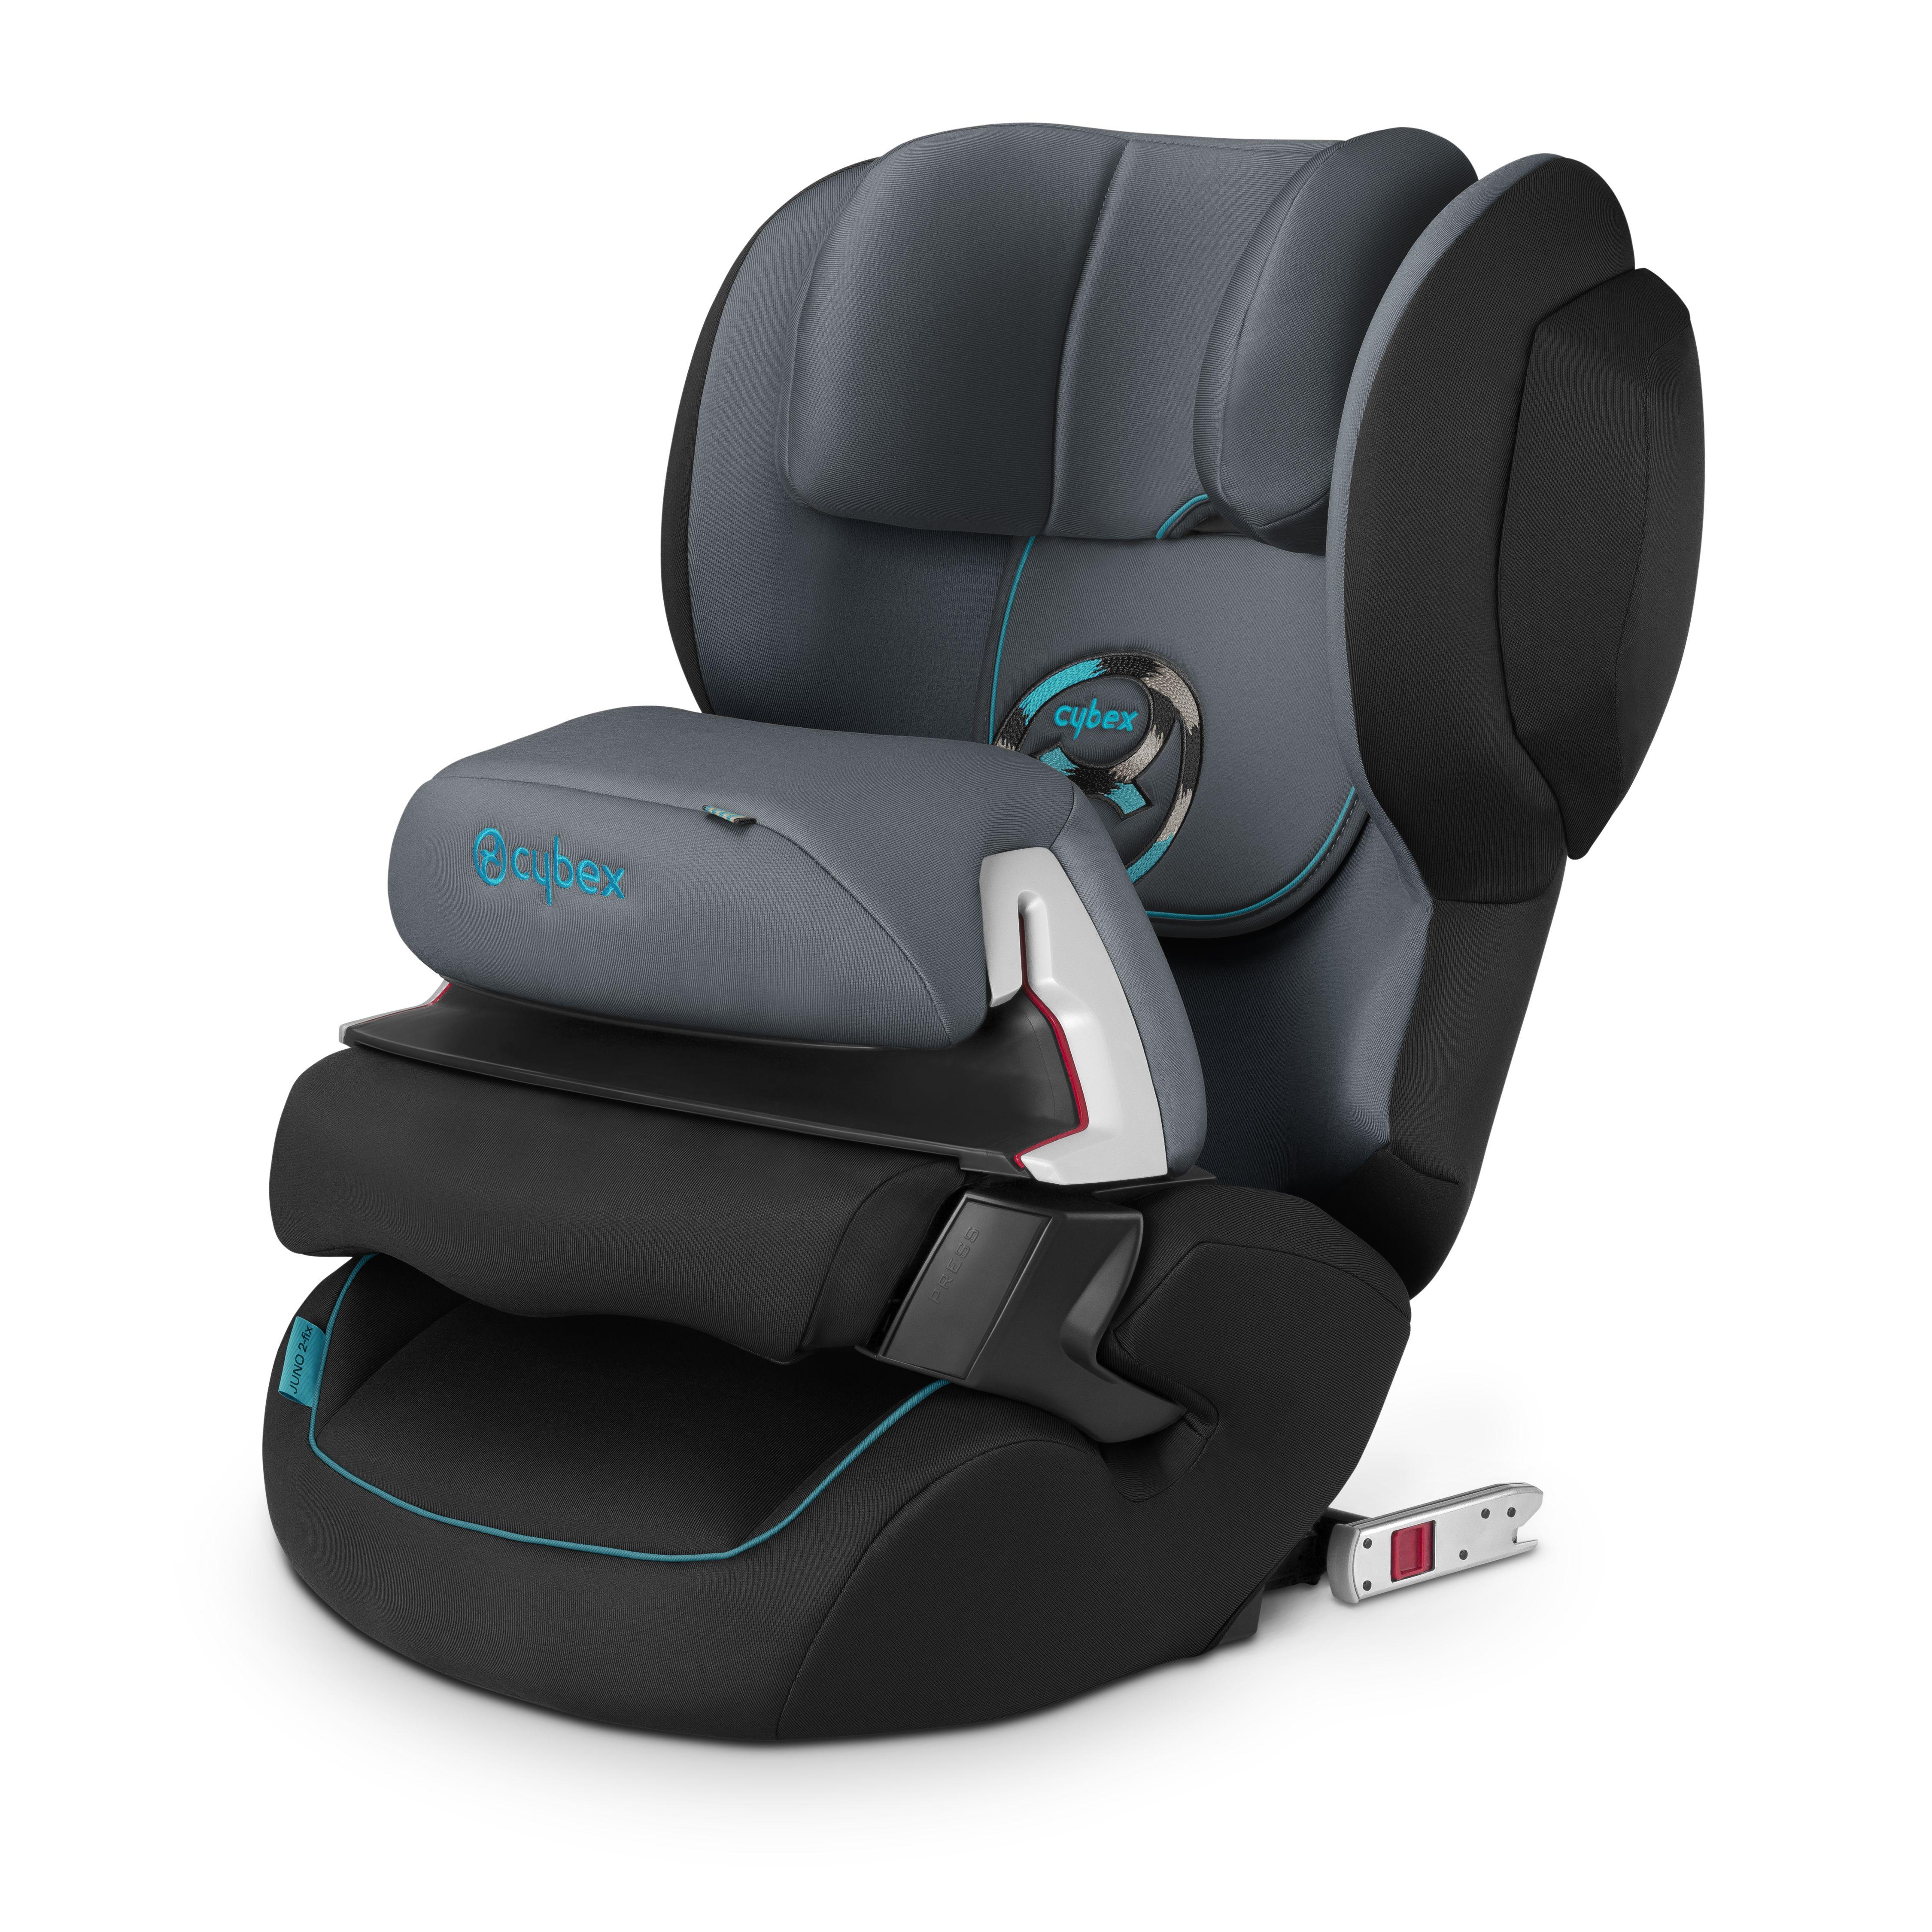 Cybex Juno 2 Fix Black Sea Siege Auto Siege Auto Groupe 1 Sieges Auto Bebe